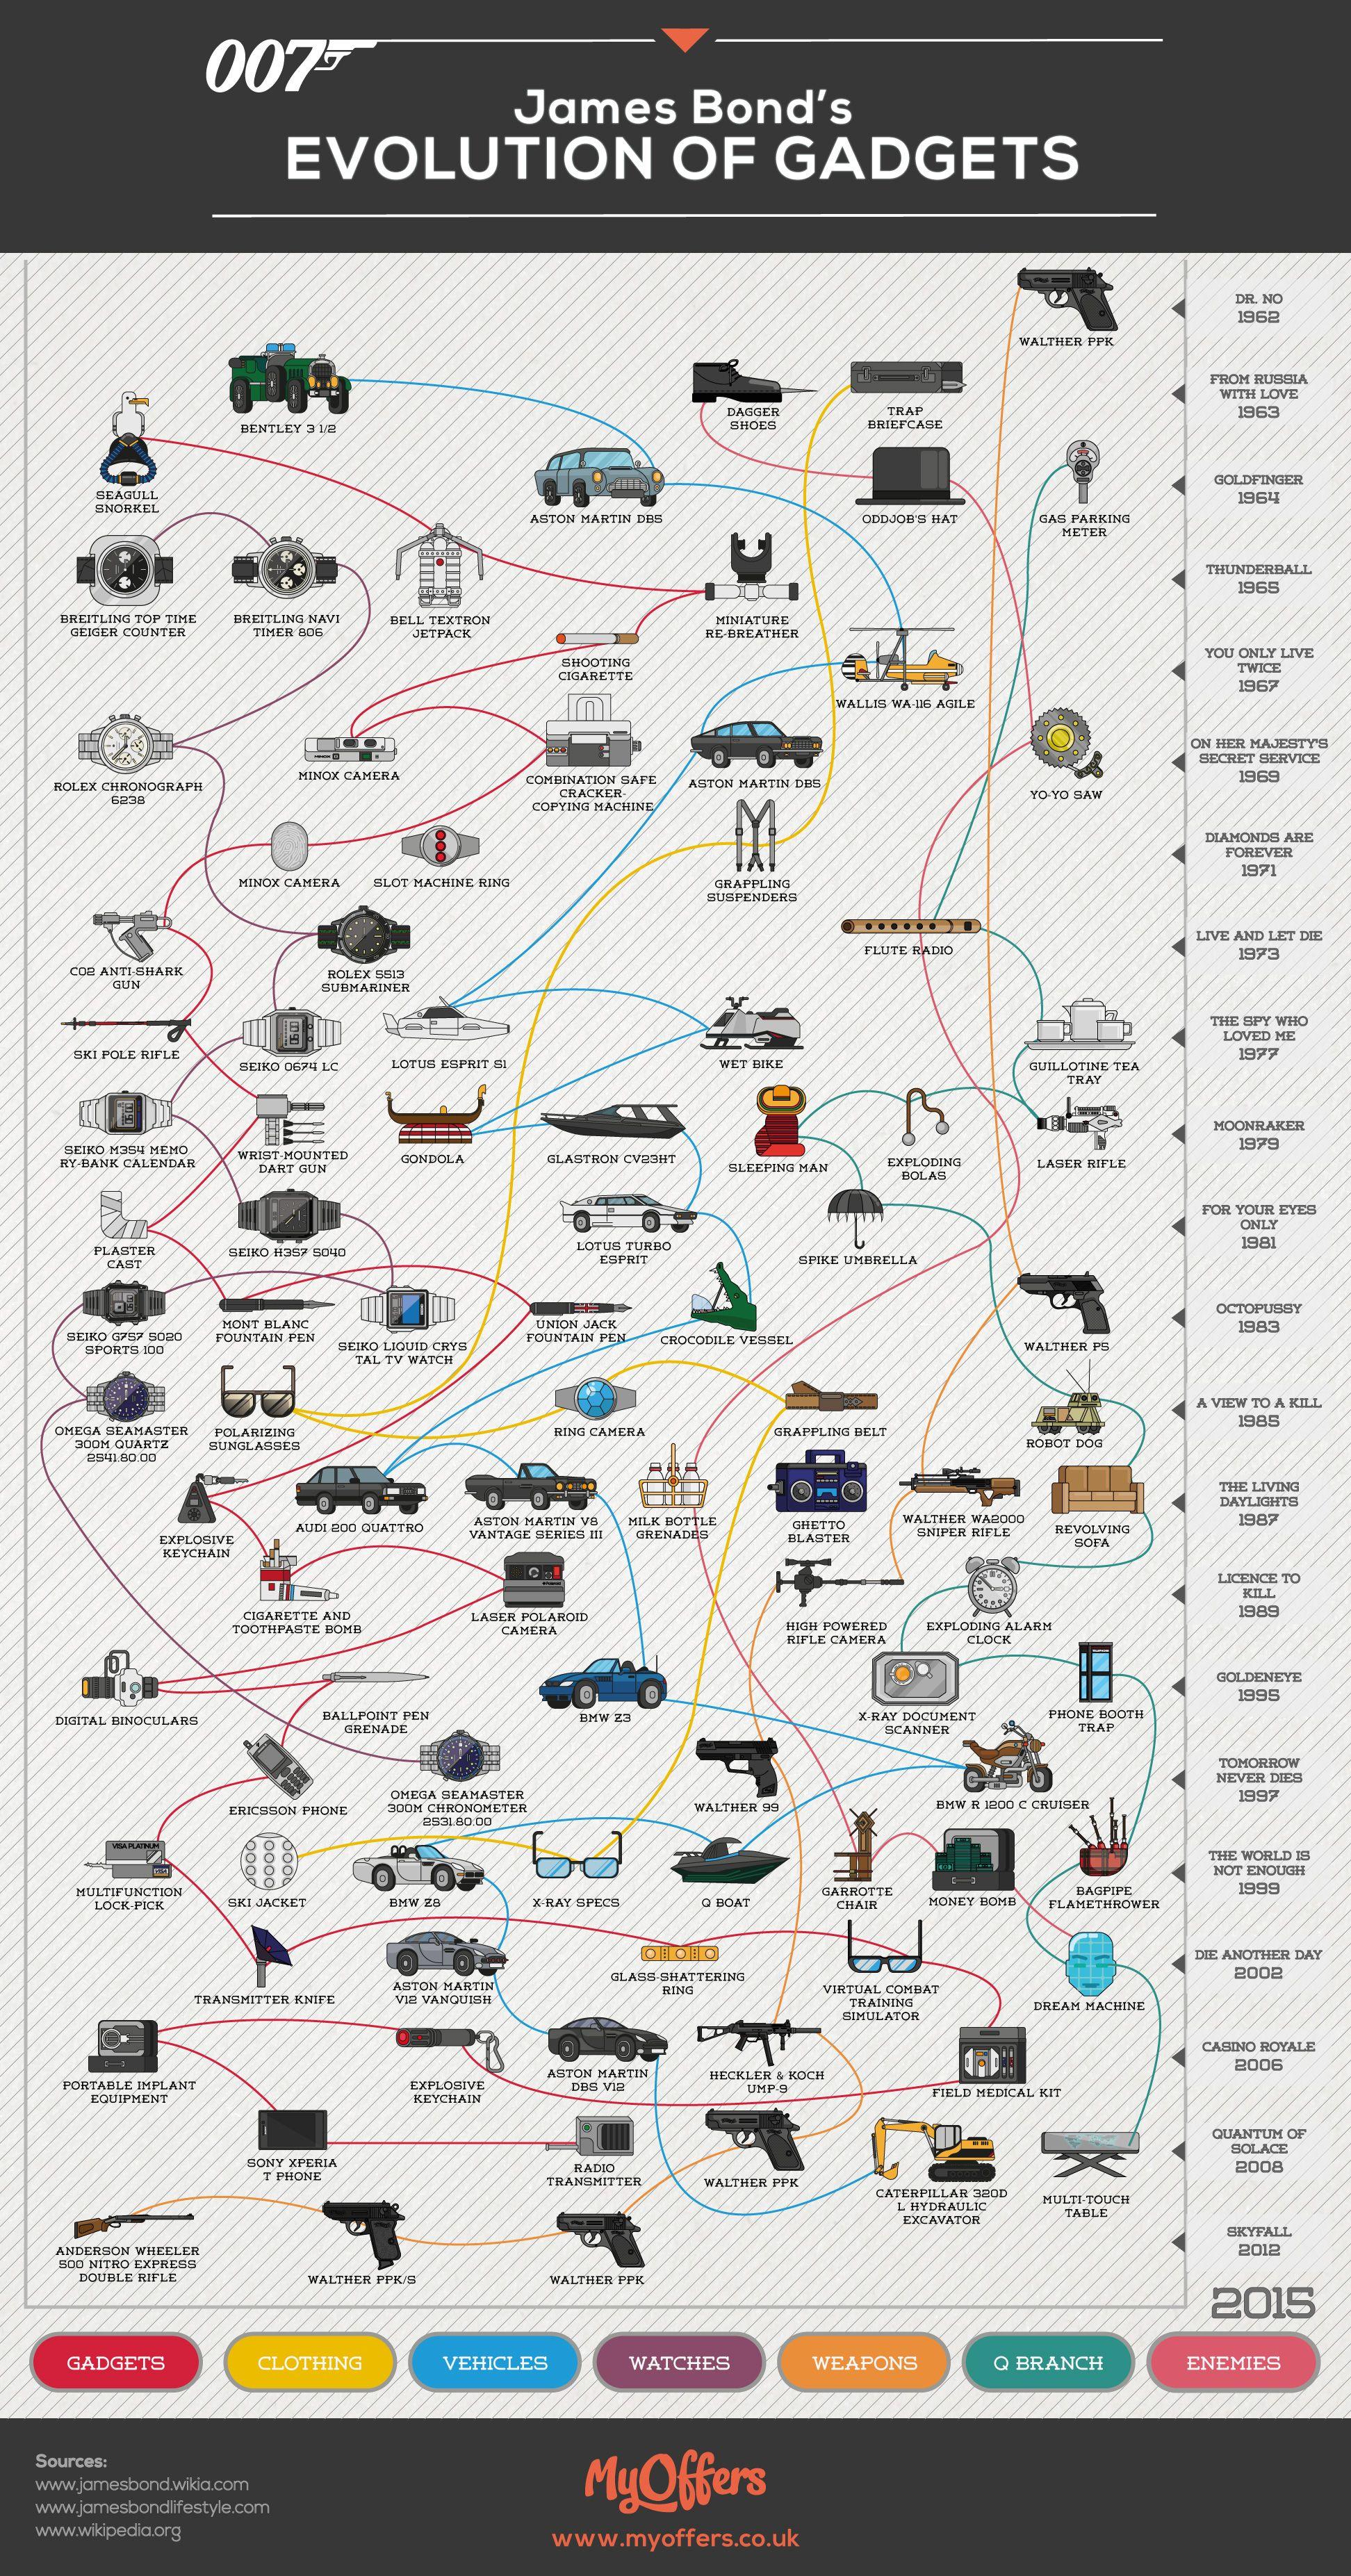 James Bond's Evolution of Gadgets